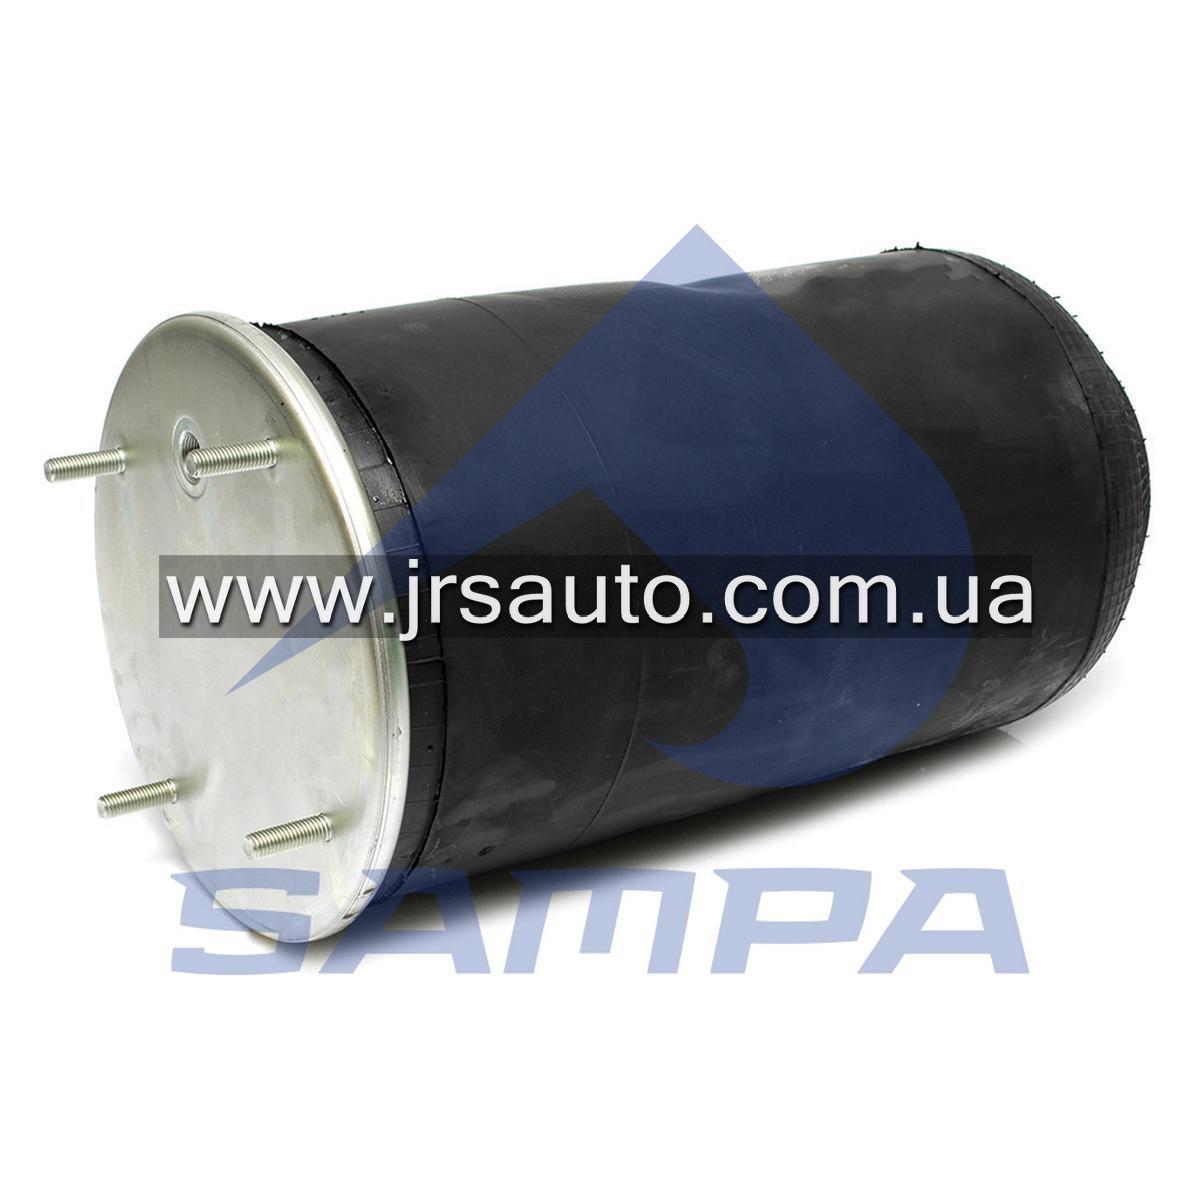 Пневморессора без стакана SAF/Trailor/МАЗ/ROR, 813MB/O (4 шп. M12, 1отв. штуц. M22х1.5мм) \SP 55813